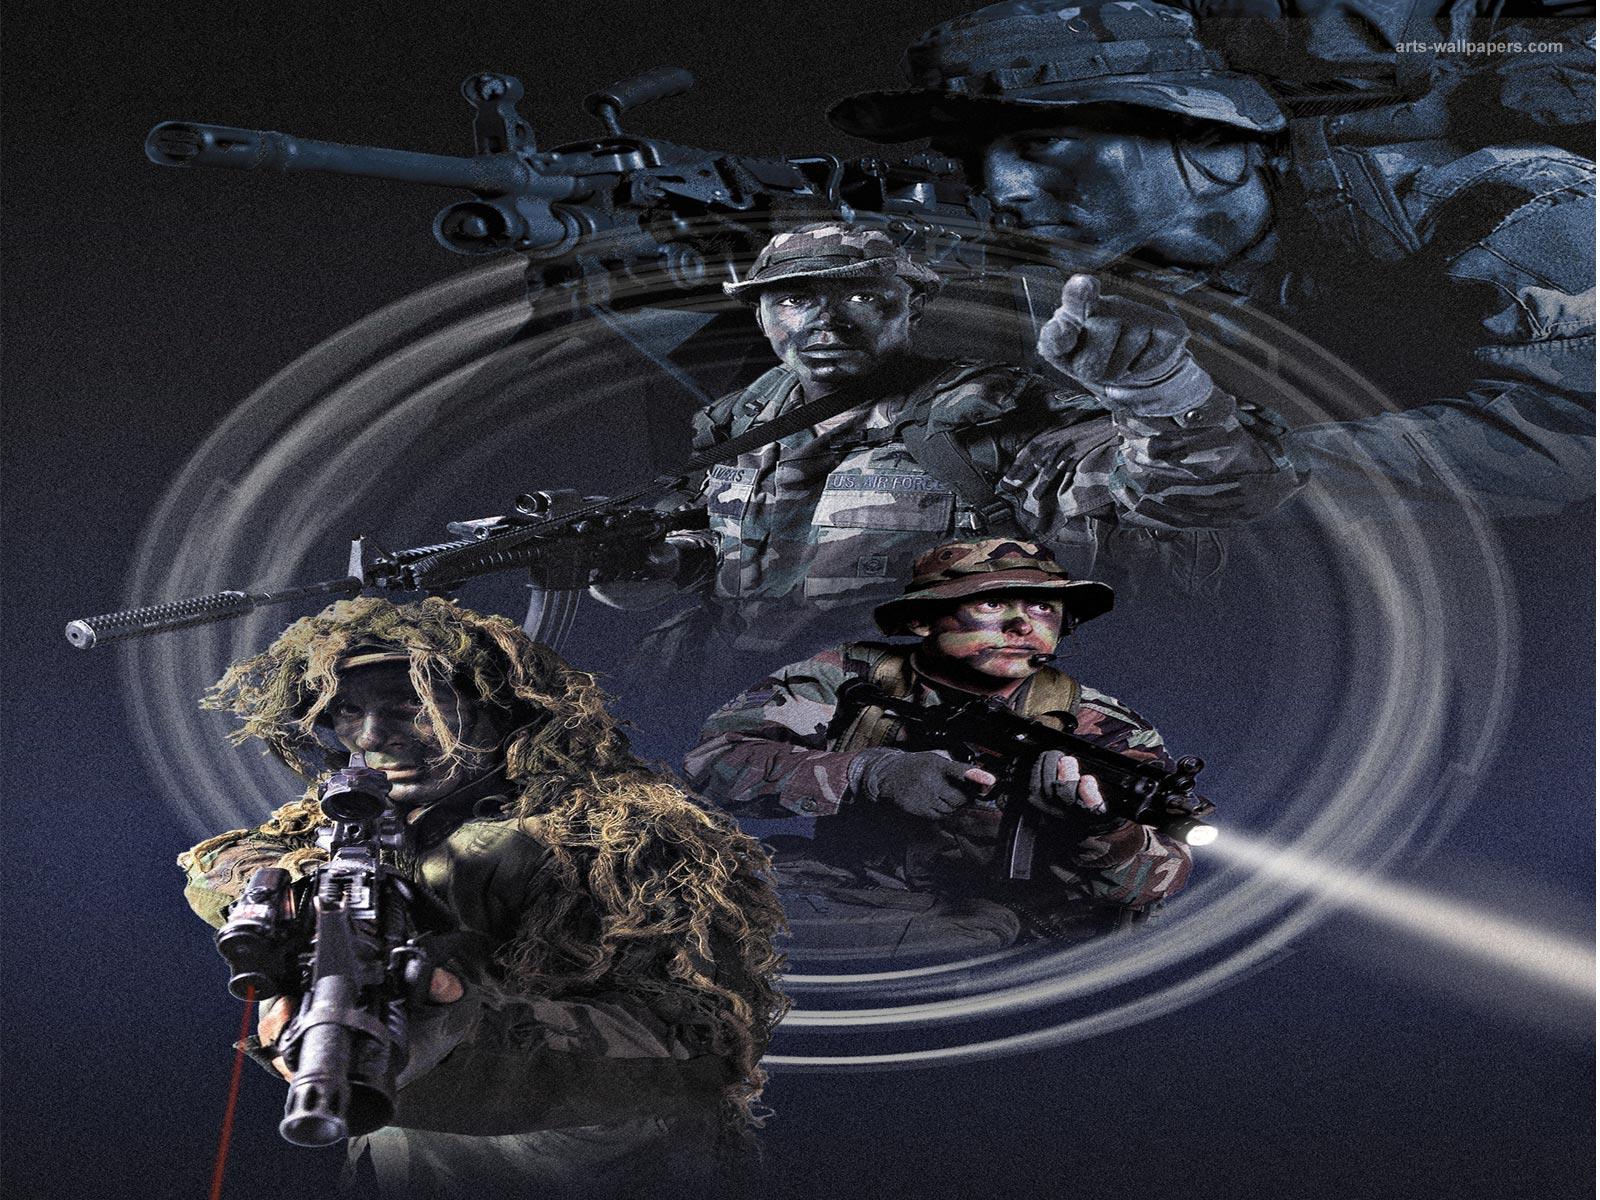 Iphone Navy Seal Wallpaper: Navy Seals Wallpapers For Desktop